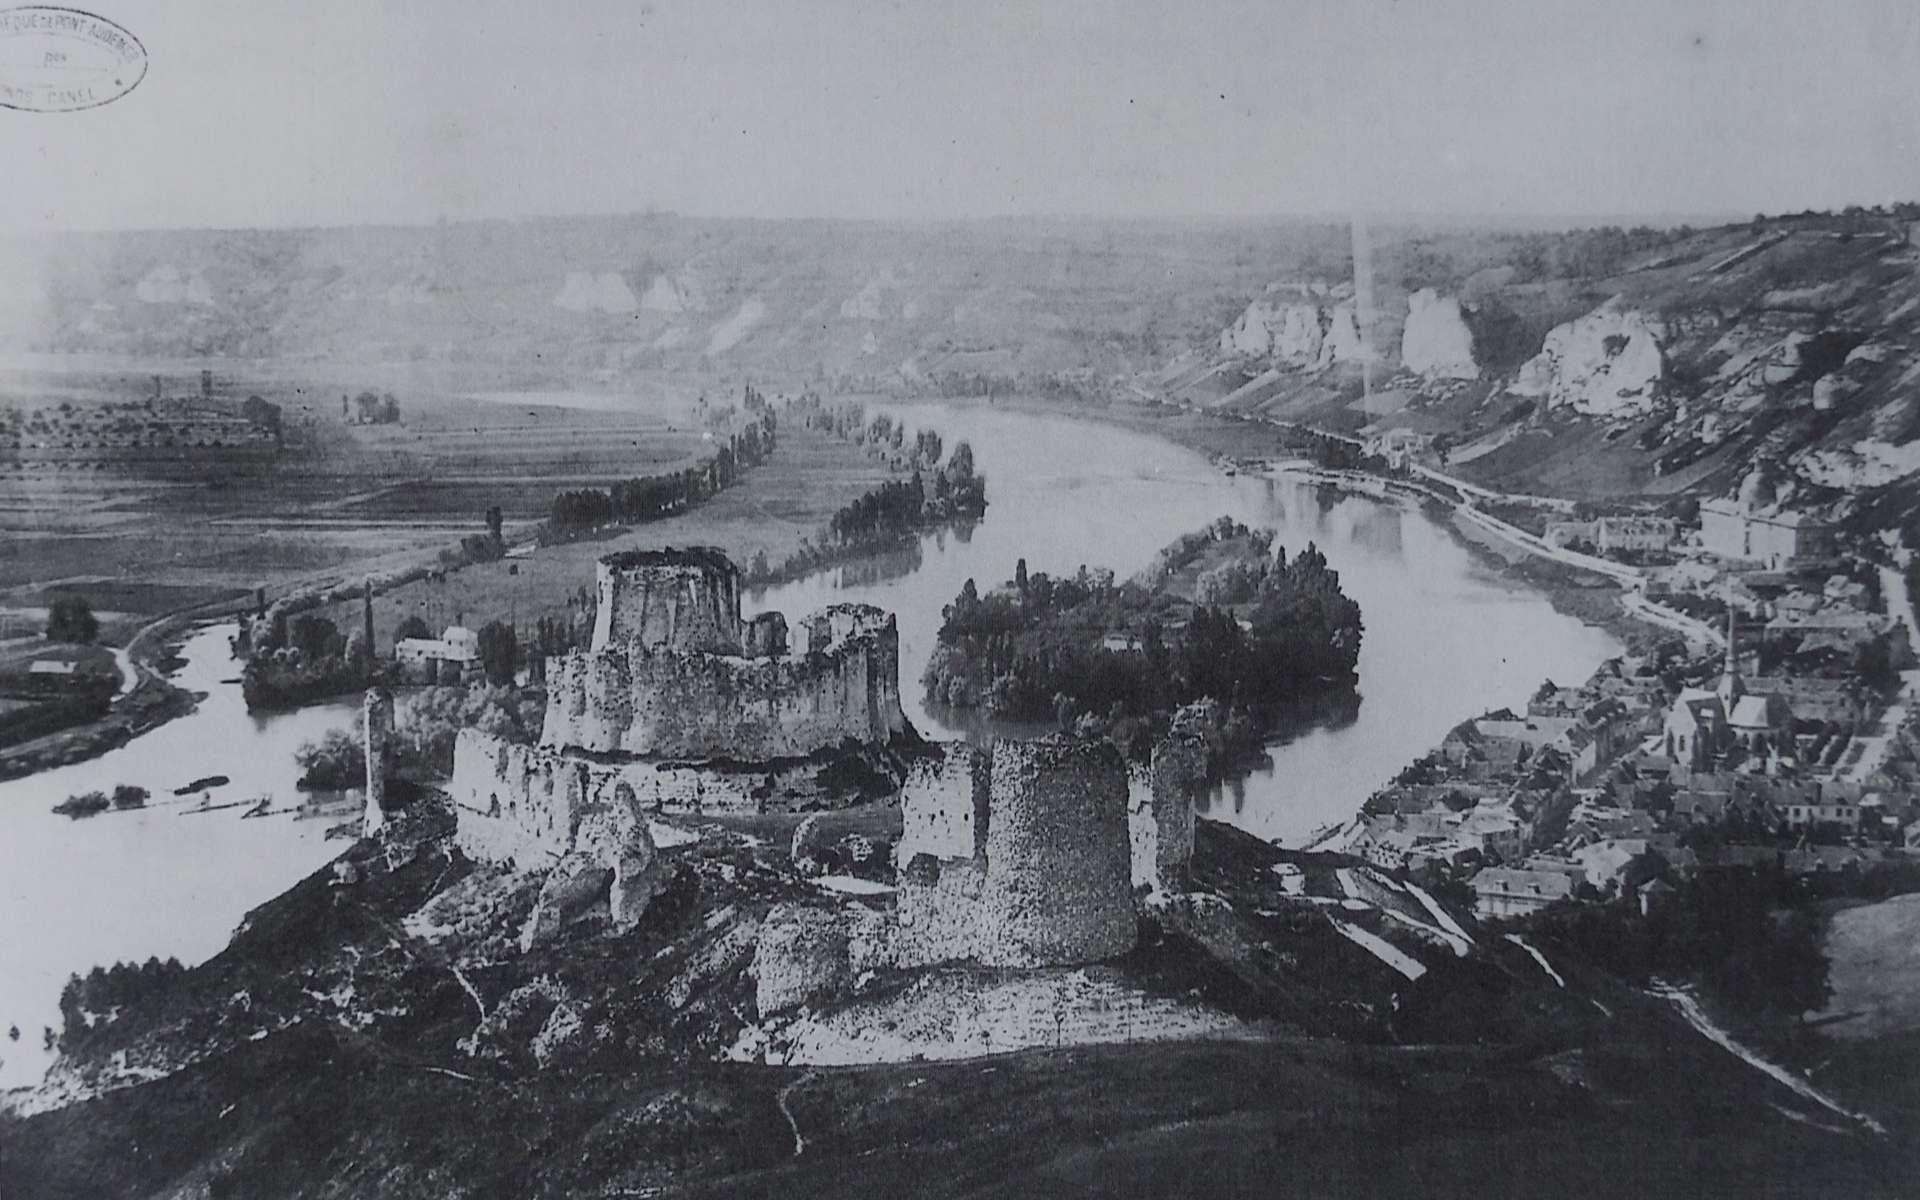 Château Gaillard 1896 - Reproduction en héliogravure par Paul Dujardin, 1896. © Photographie d'Émile-André Letellier, Wikipedia Commons, domaine public